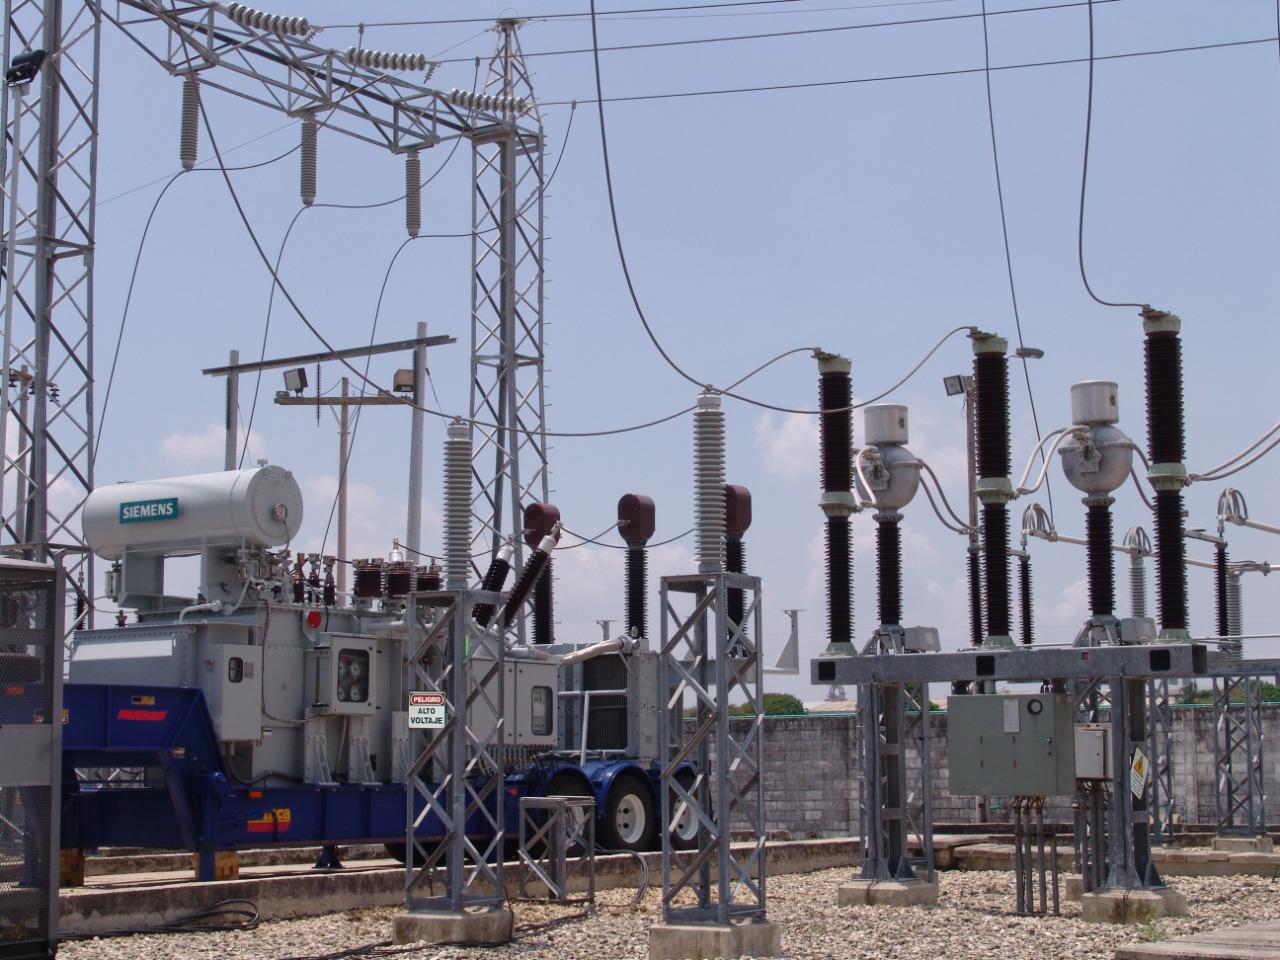 Este viernes 10 de septiembre Labores eléctricas en las subestaciones Rotinet, Manatí y Campo de La Cruz – @Aire_Energia